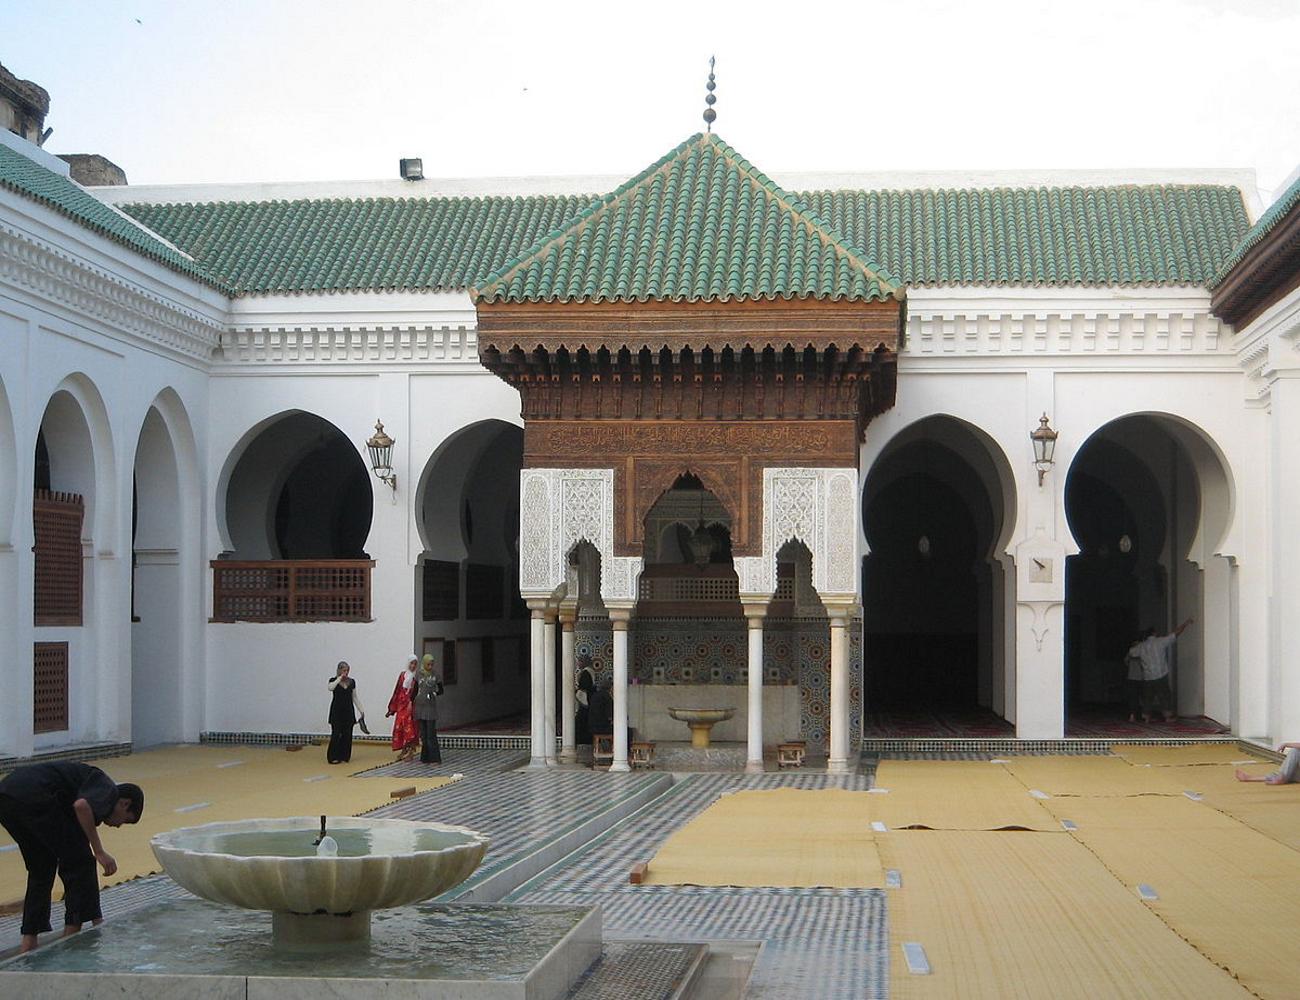 جامعة القرويين عراقة التاريخ التعليمي ومركز استمرار المعرفة الدينية الإسلامية